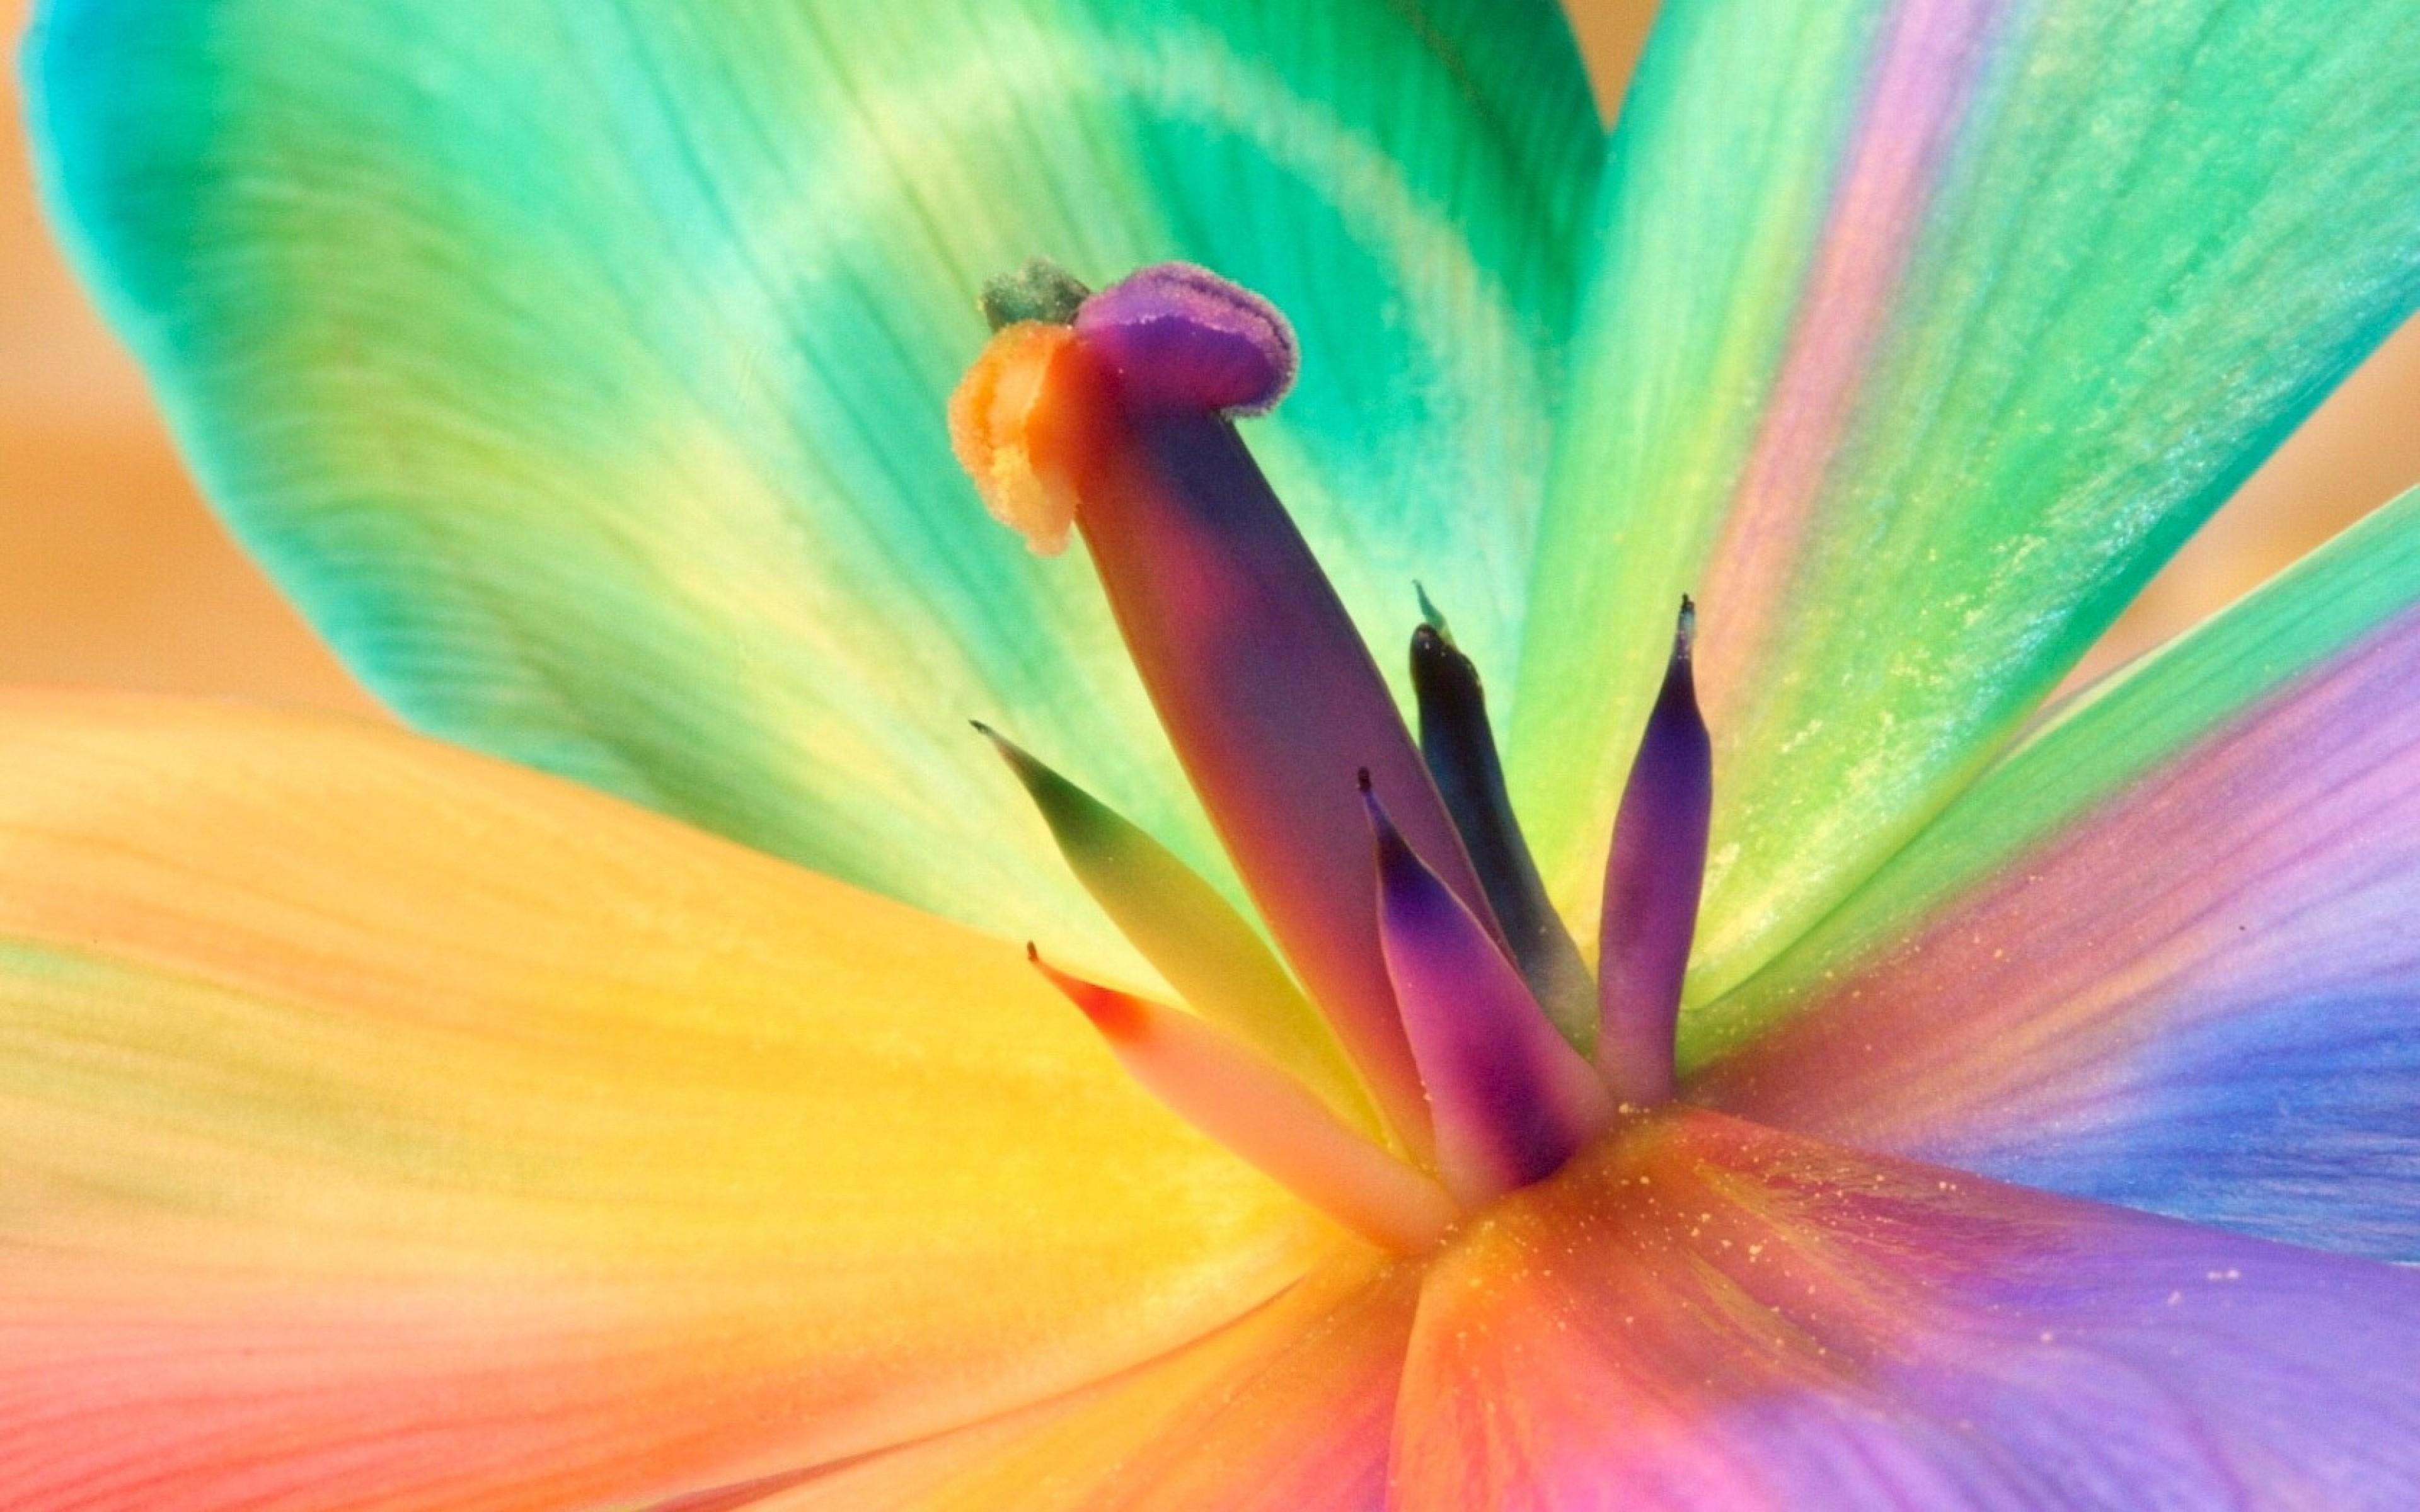 макро цветок пестик  № 3231590 бесплатно